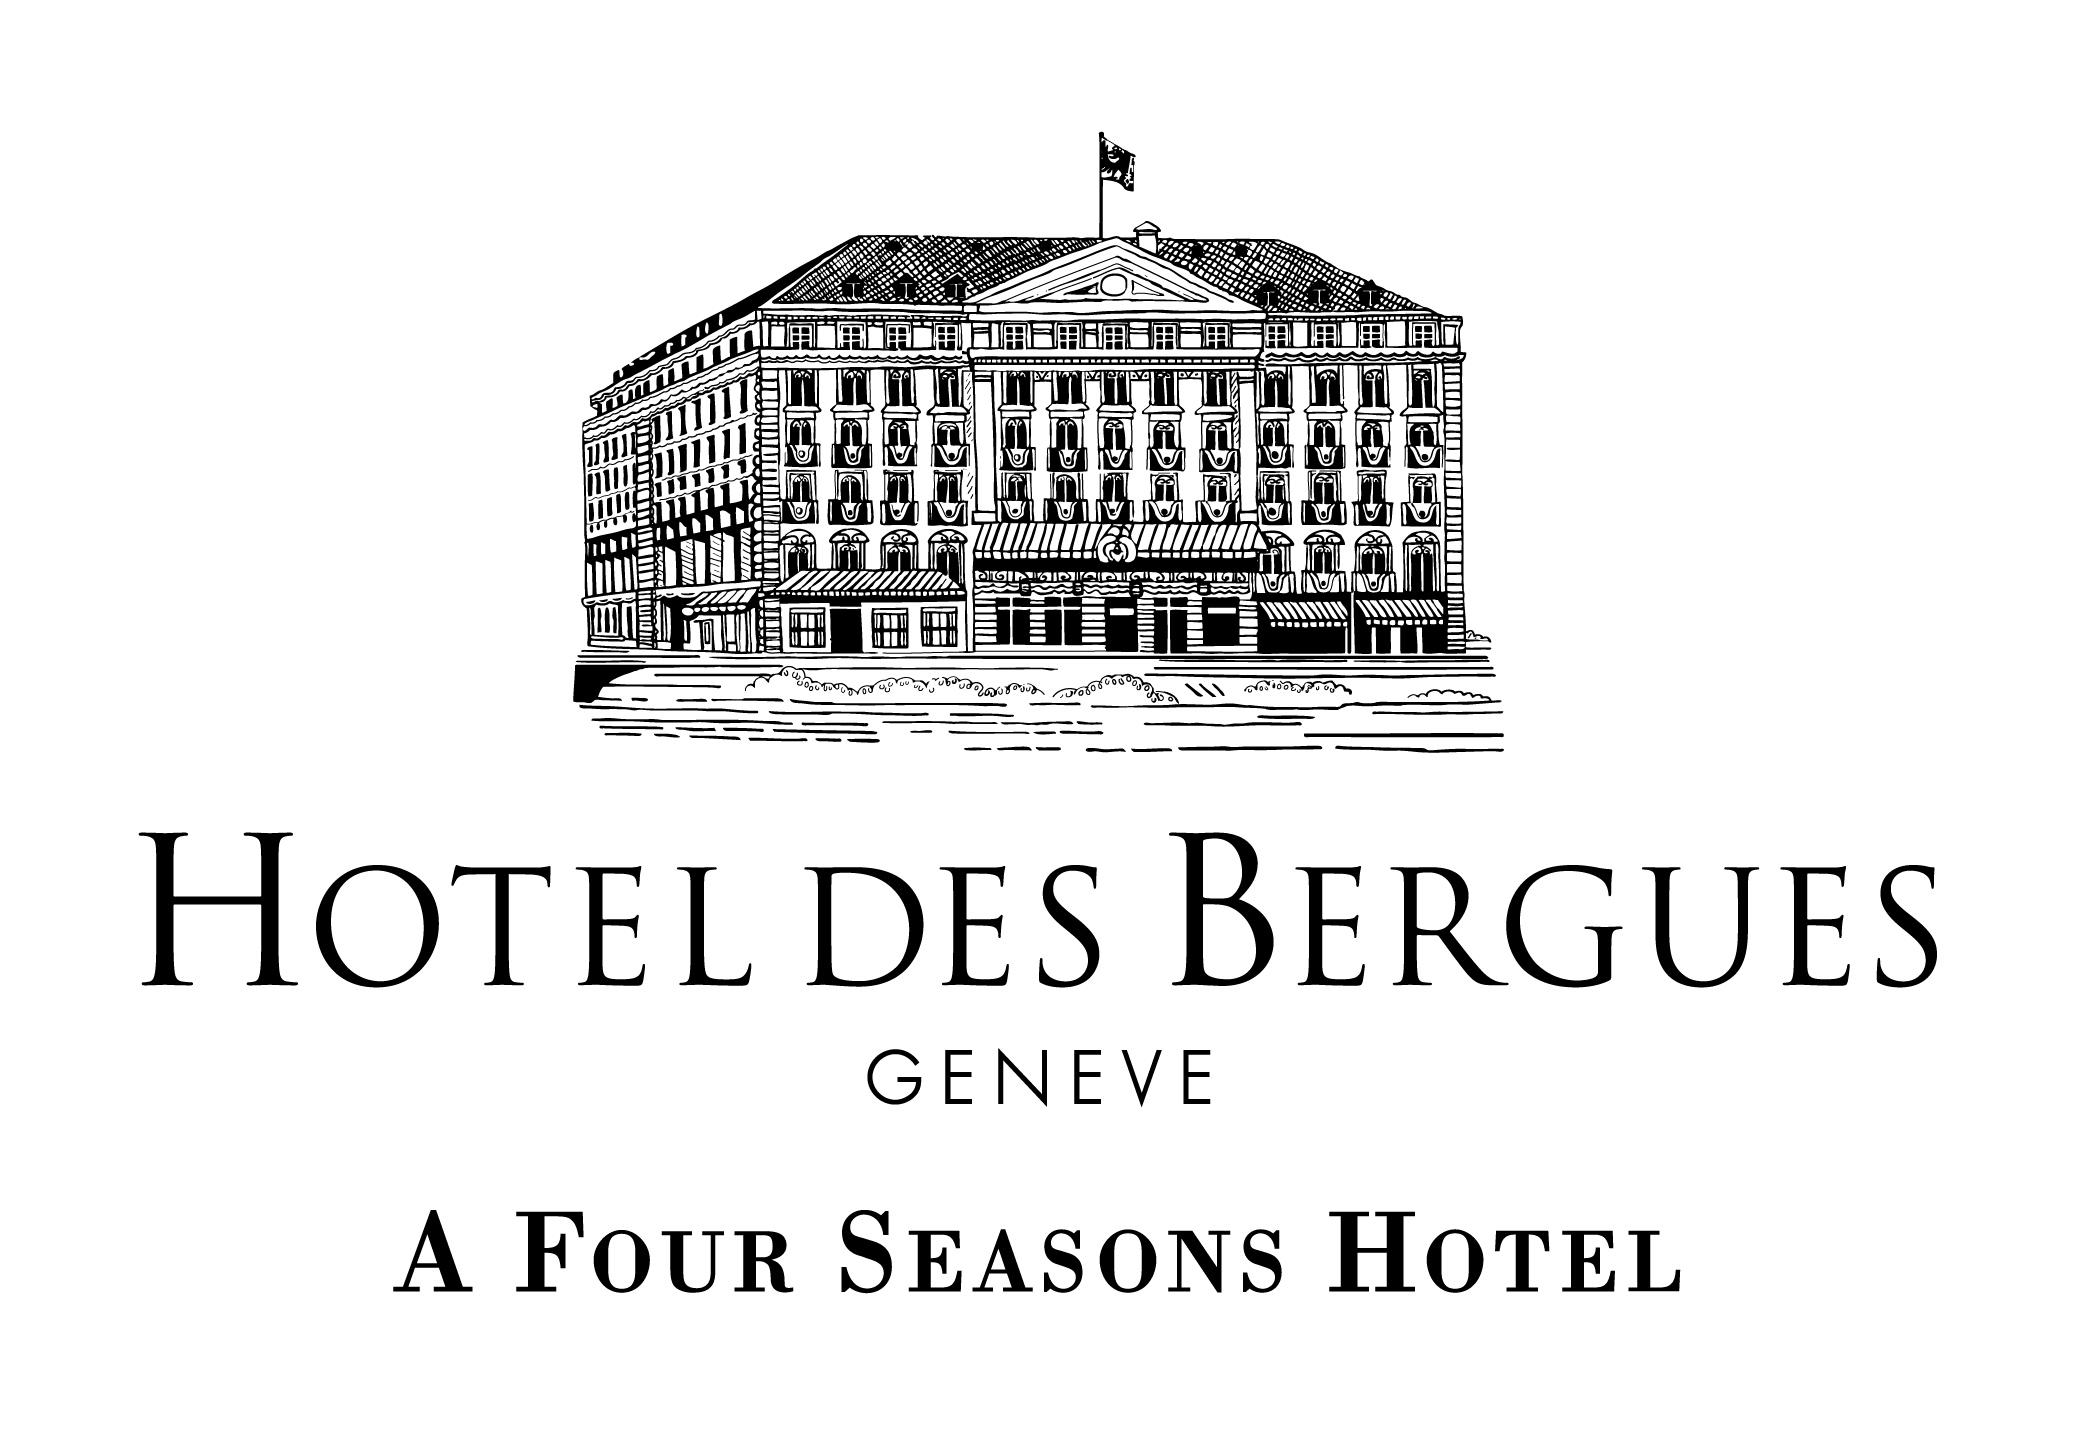 Hôtel des Bergues - Fours Seasons